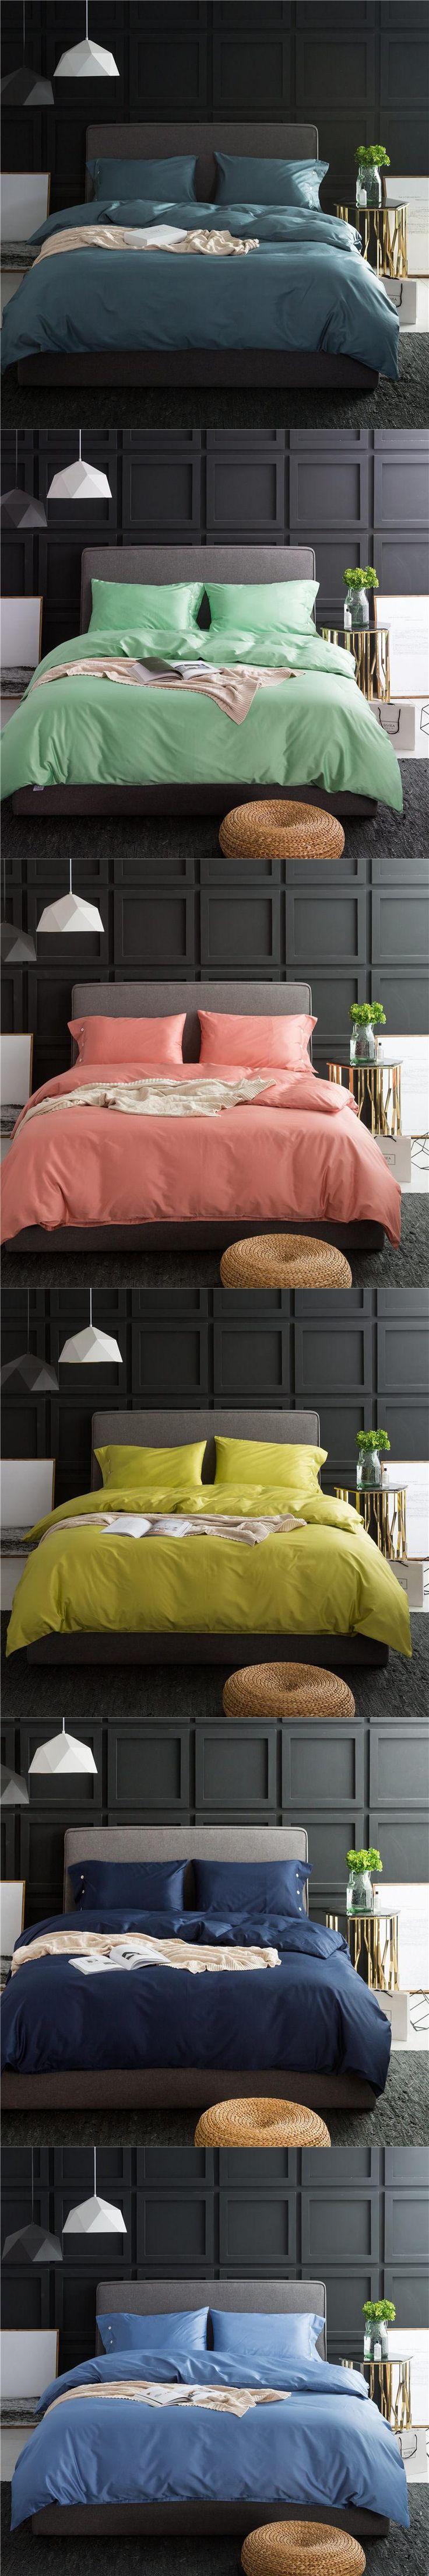 The 25+ best Egyptian cotton bedding ideas on Pinterest | Luxury ...